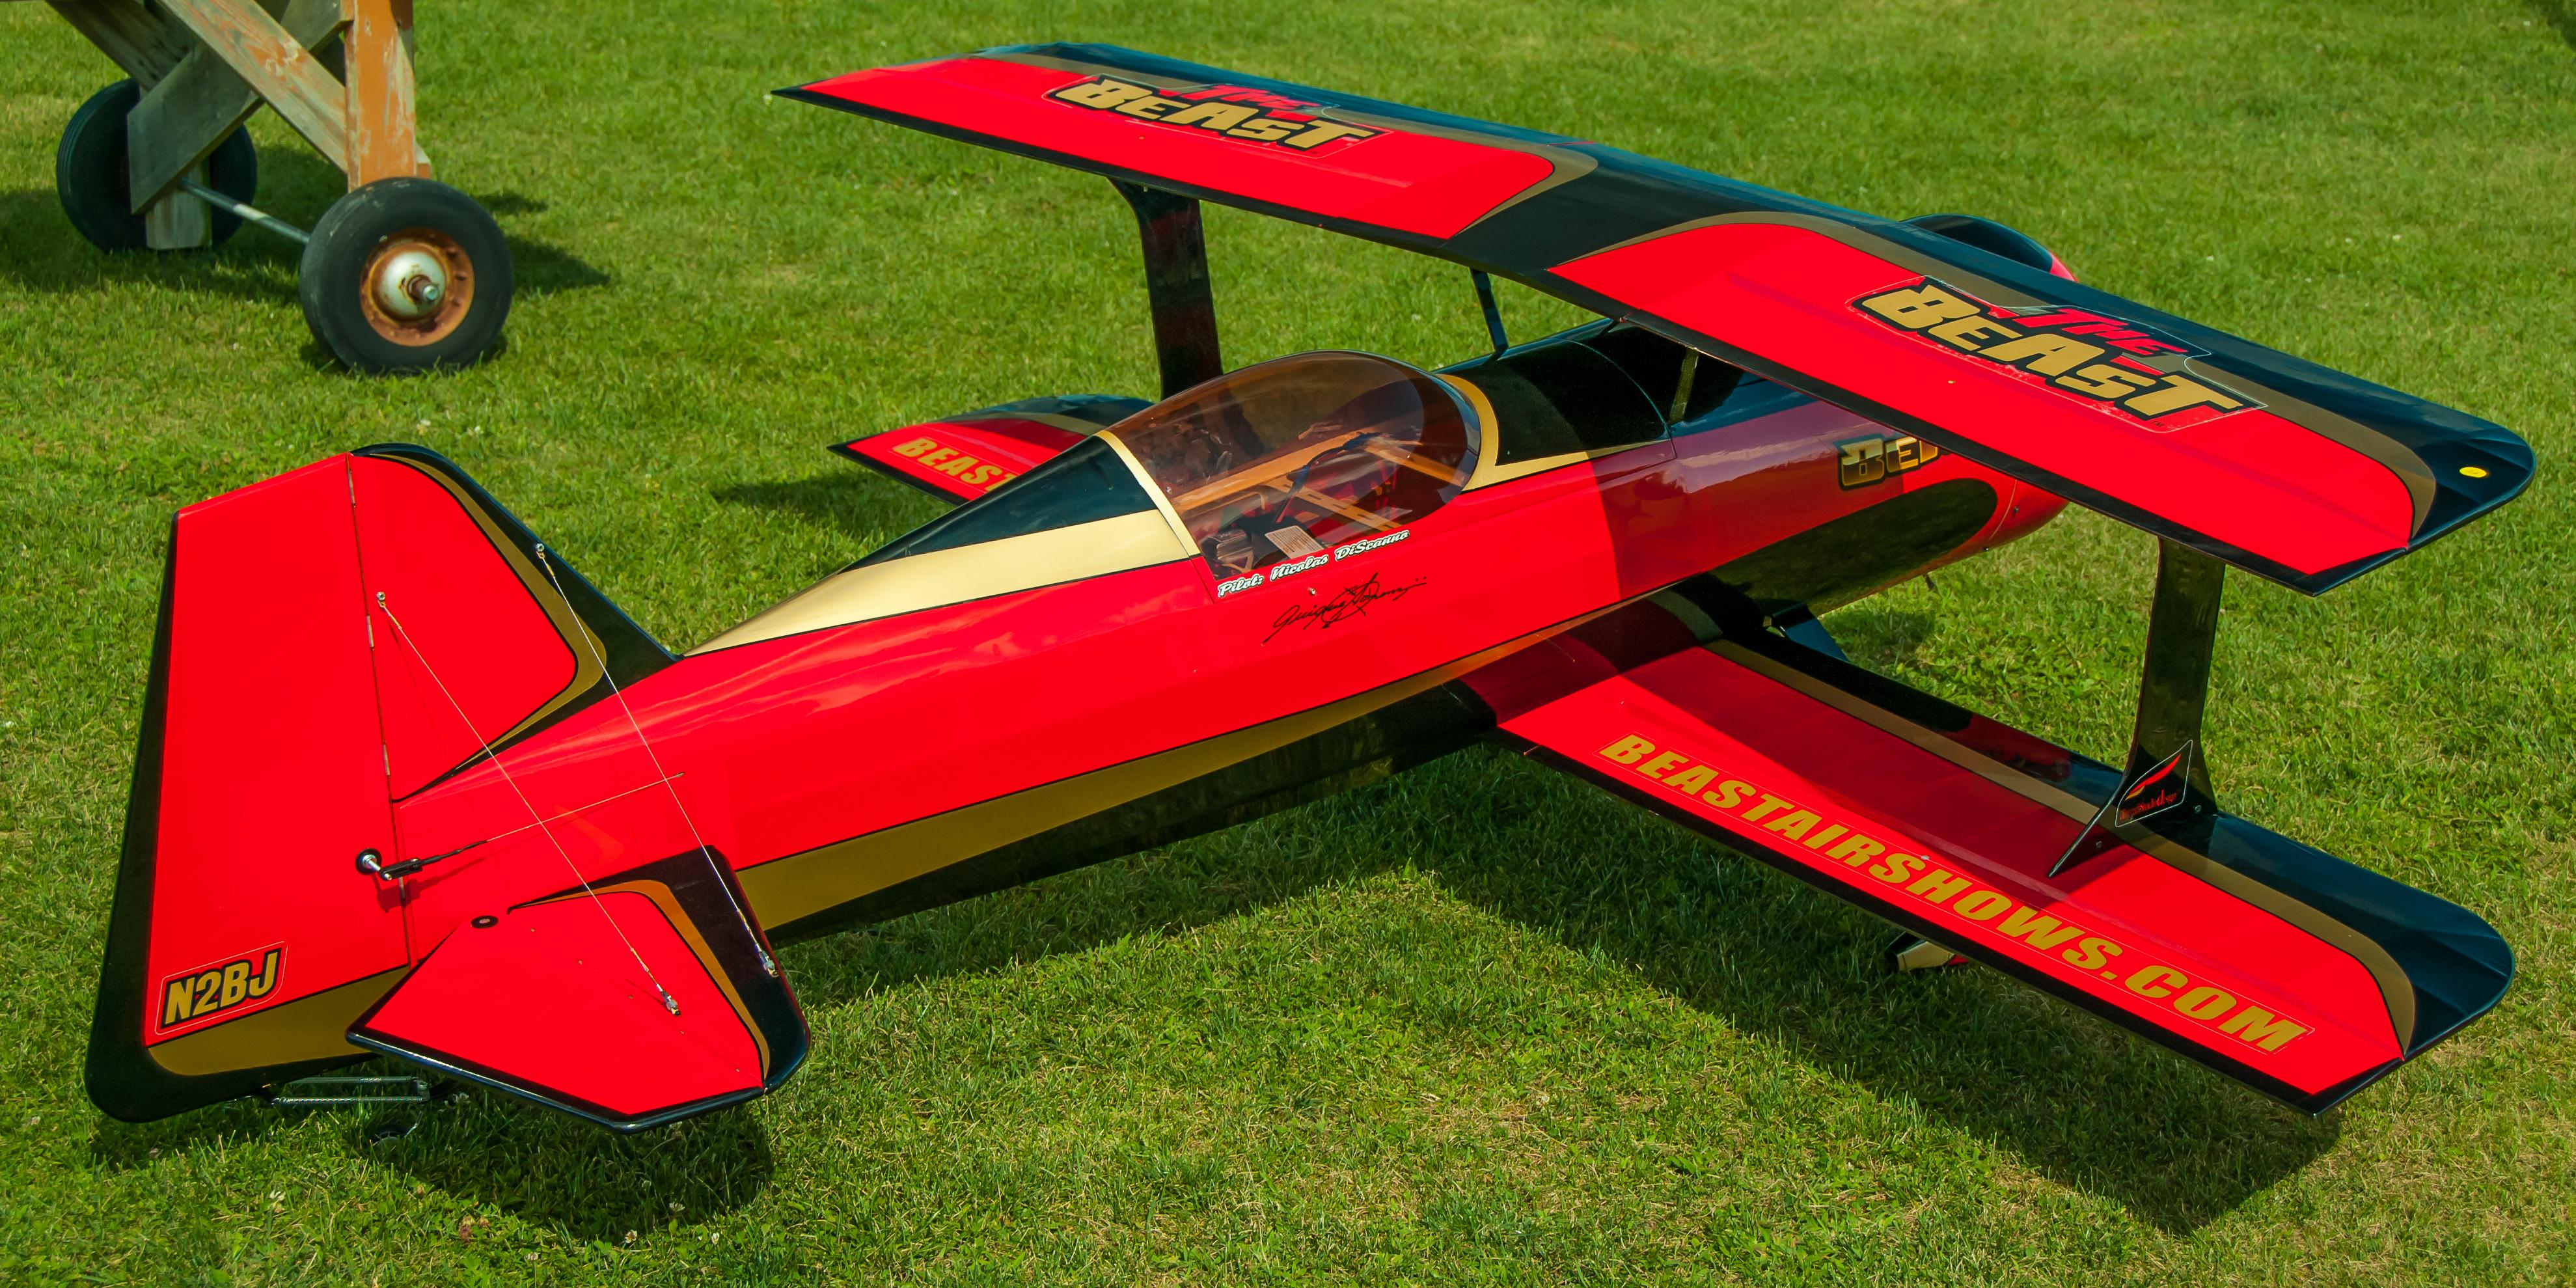 # - 199 - N2BJ - Red Beast